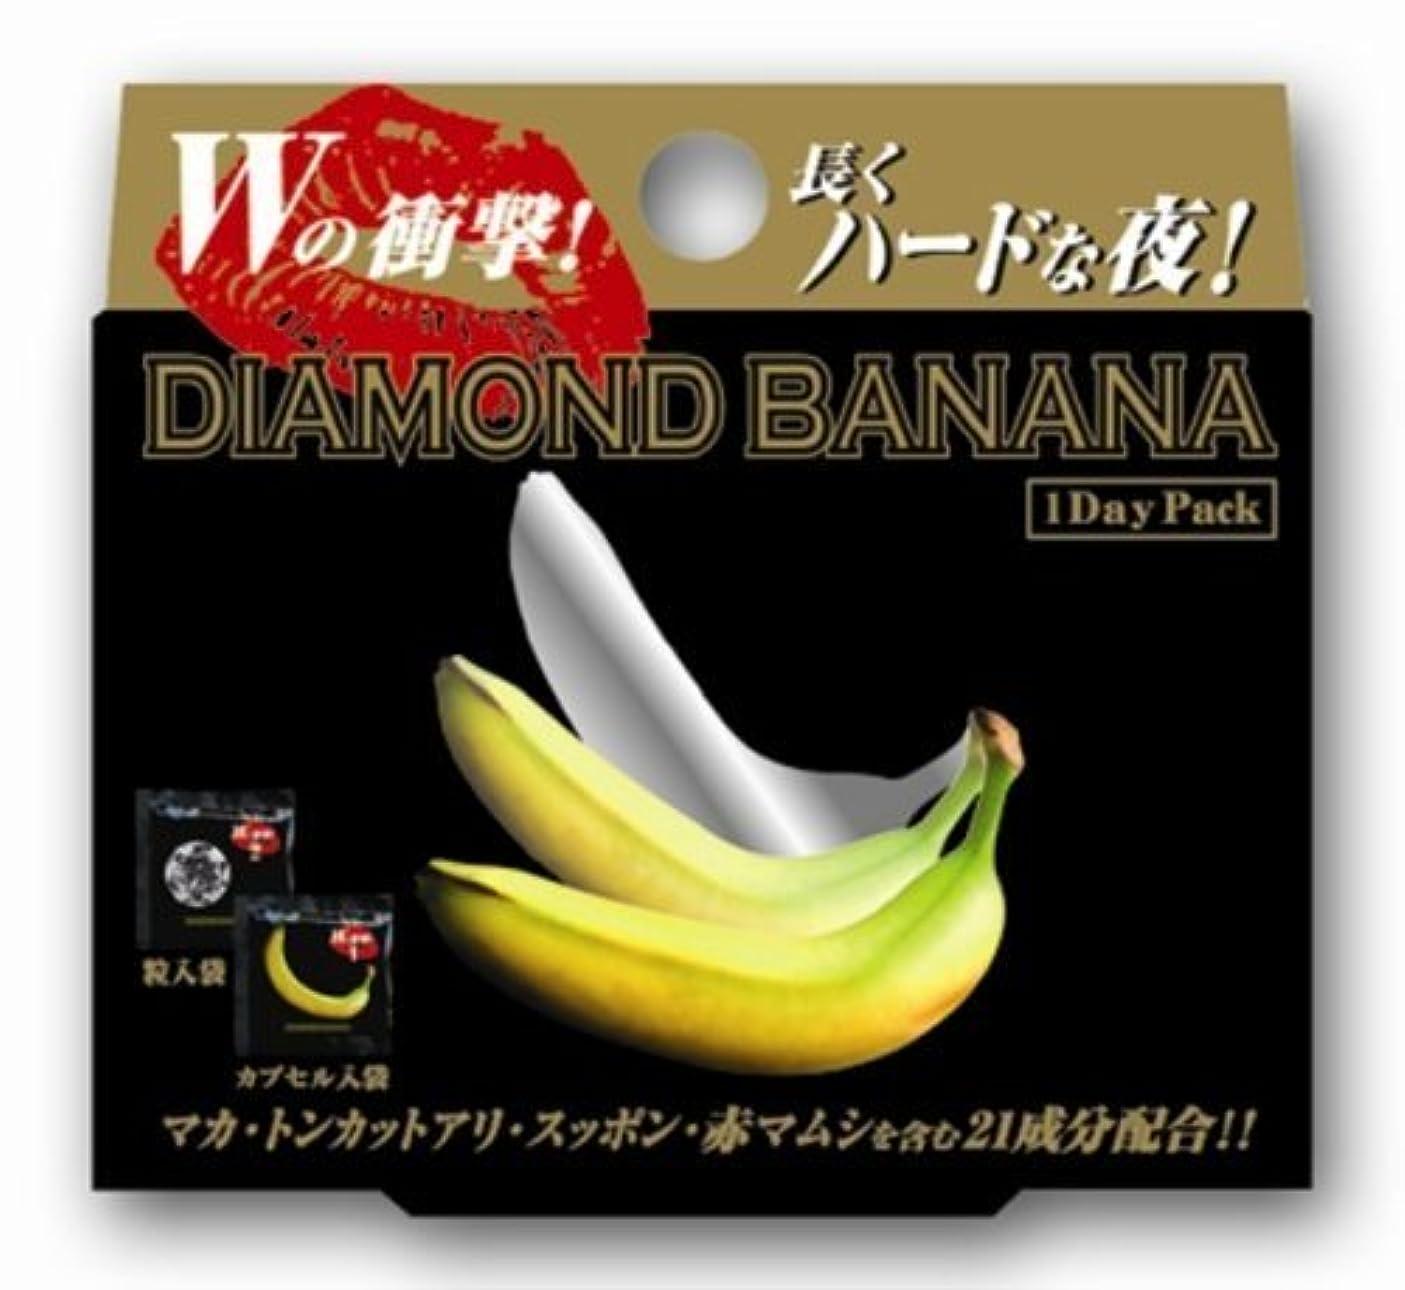 圧力空港最も【2個セット】ダイヤモンドバナナ 1DAYパック